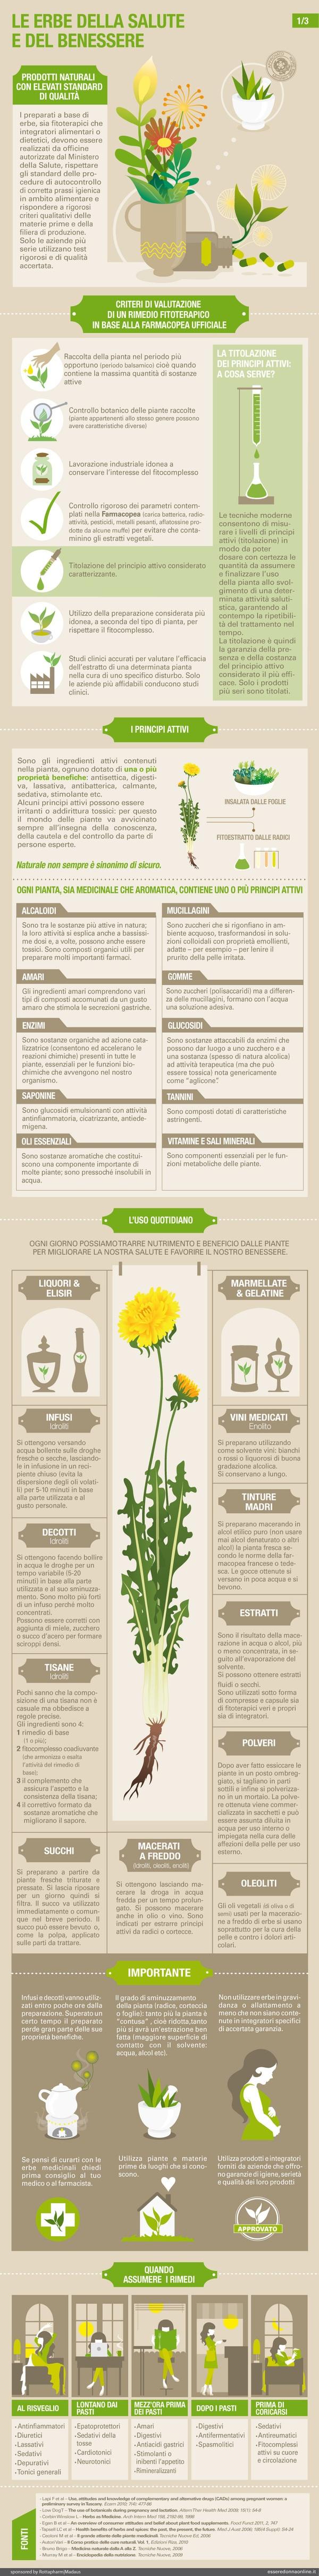 INFOGRAPHIC Le erbe della salute on Behance